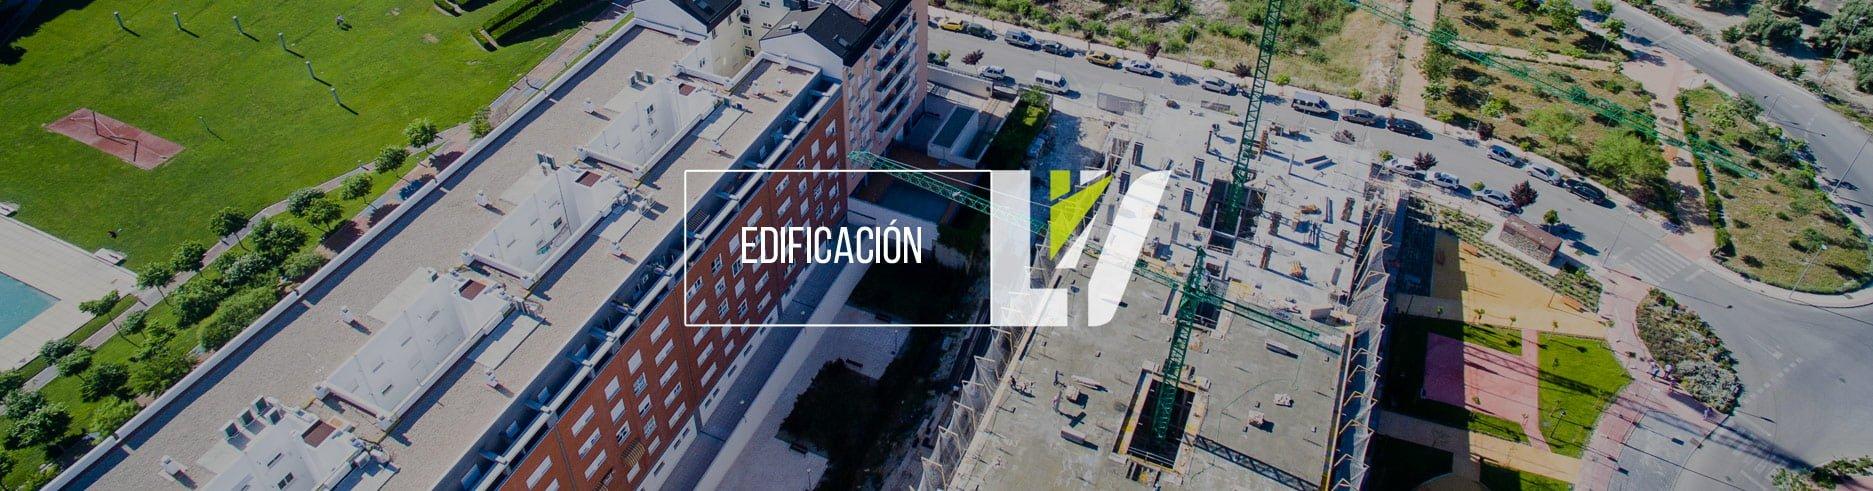 Edificación